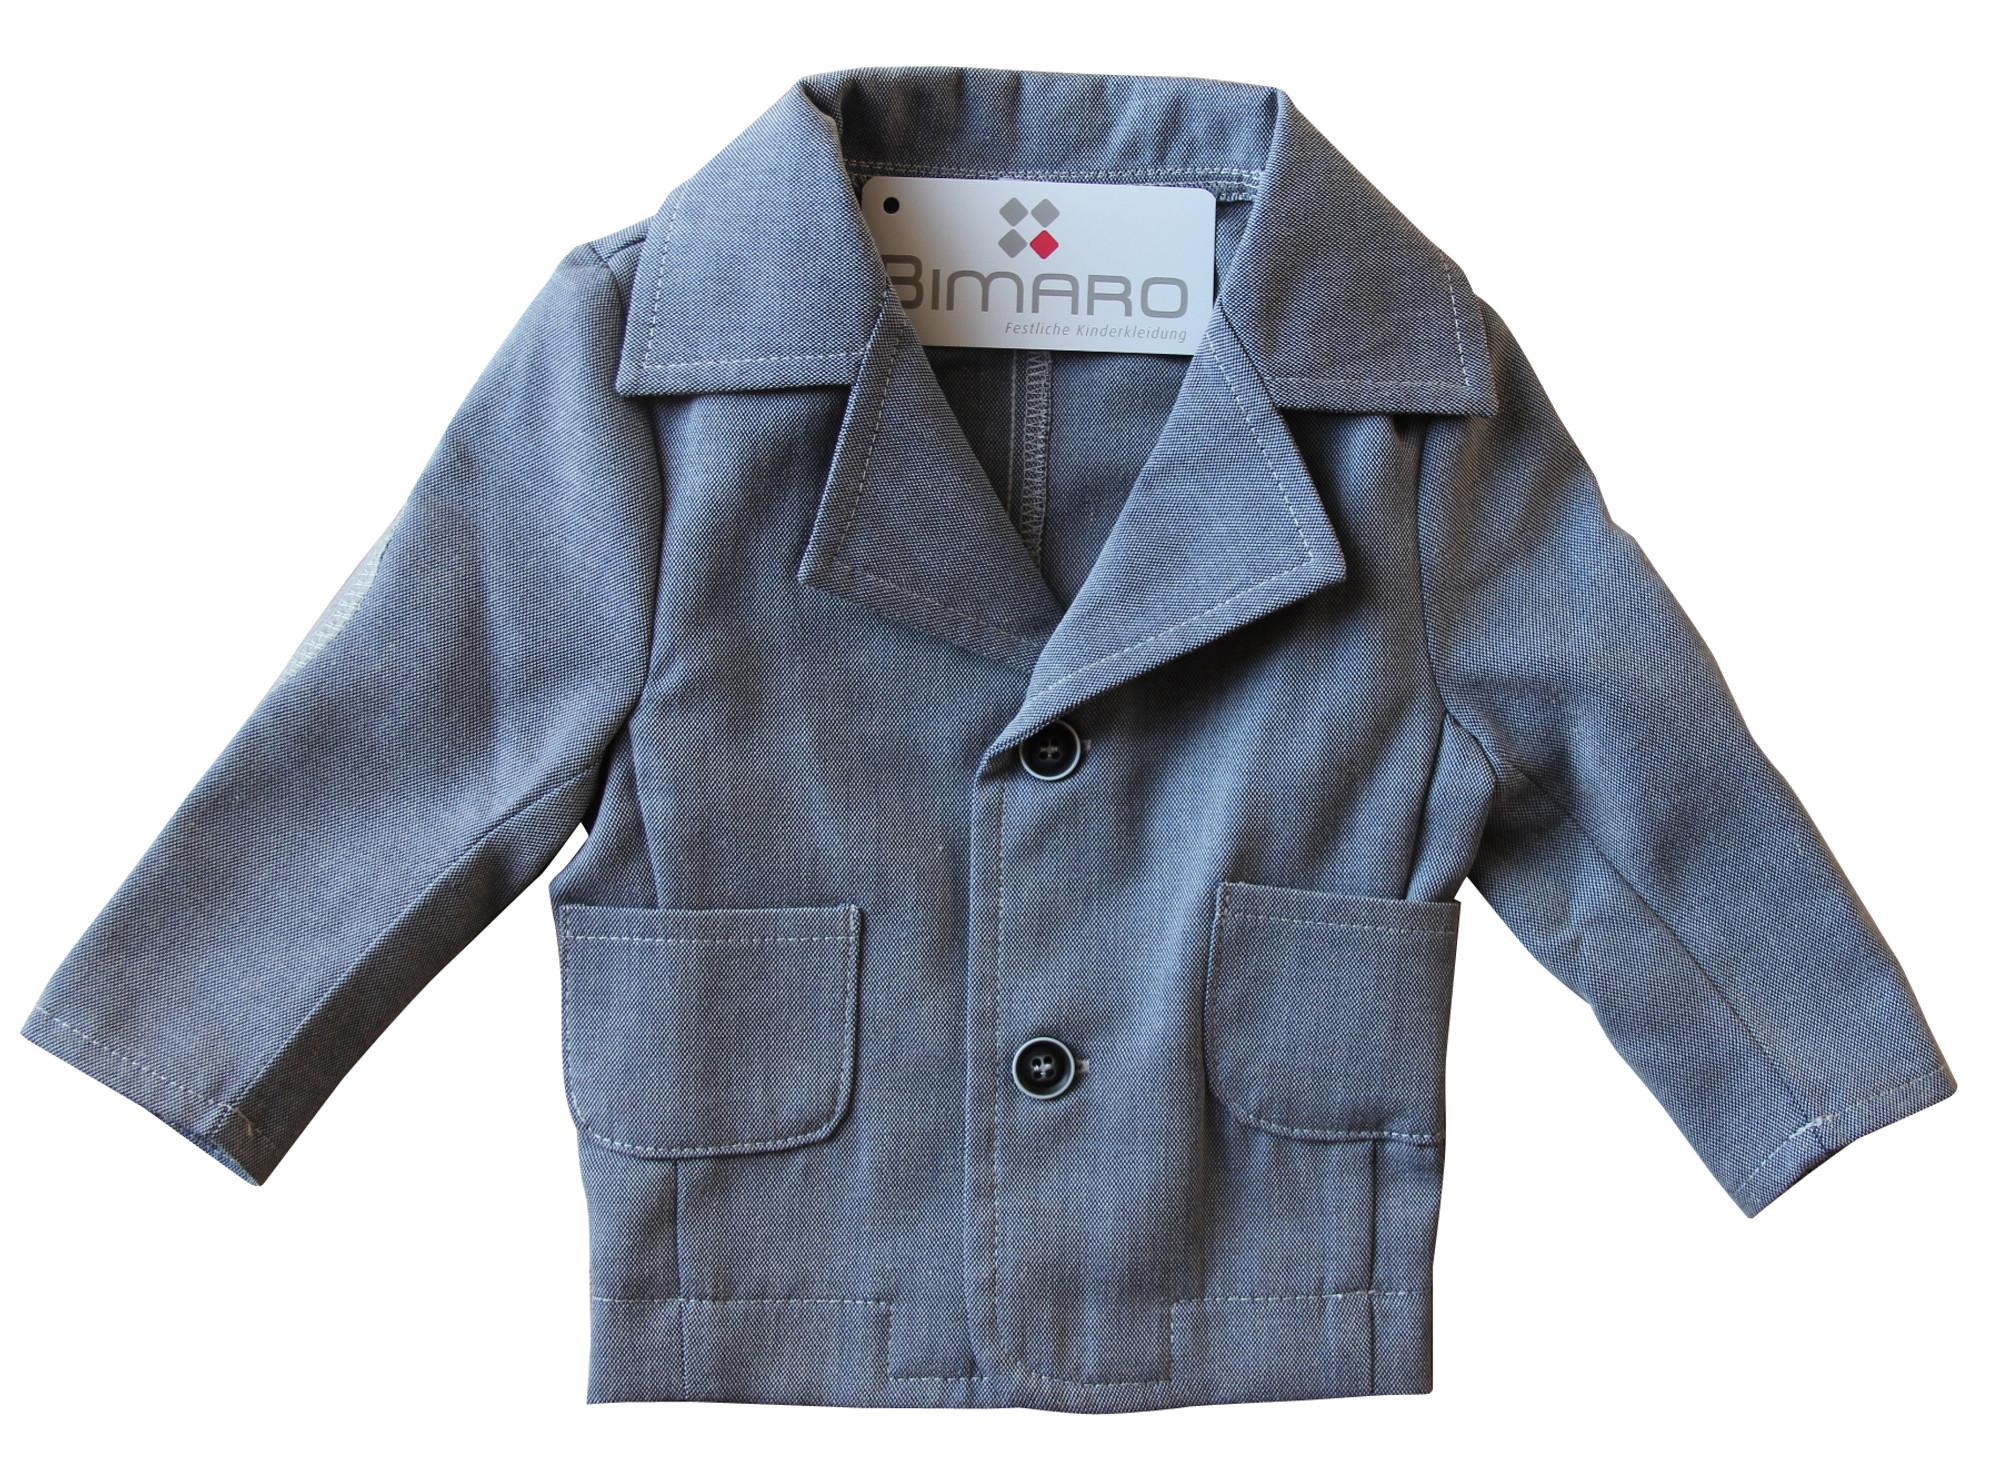 BIMARO Baby Jungen Sakko Noah grau meliert Jacke Babysakko Hochzeit Taufe festlich Anlass Jacket